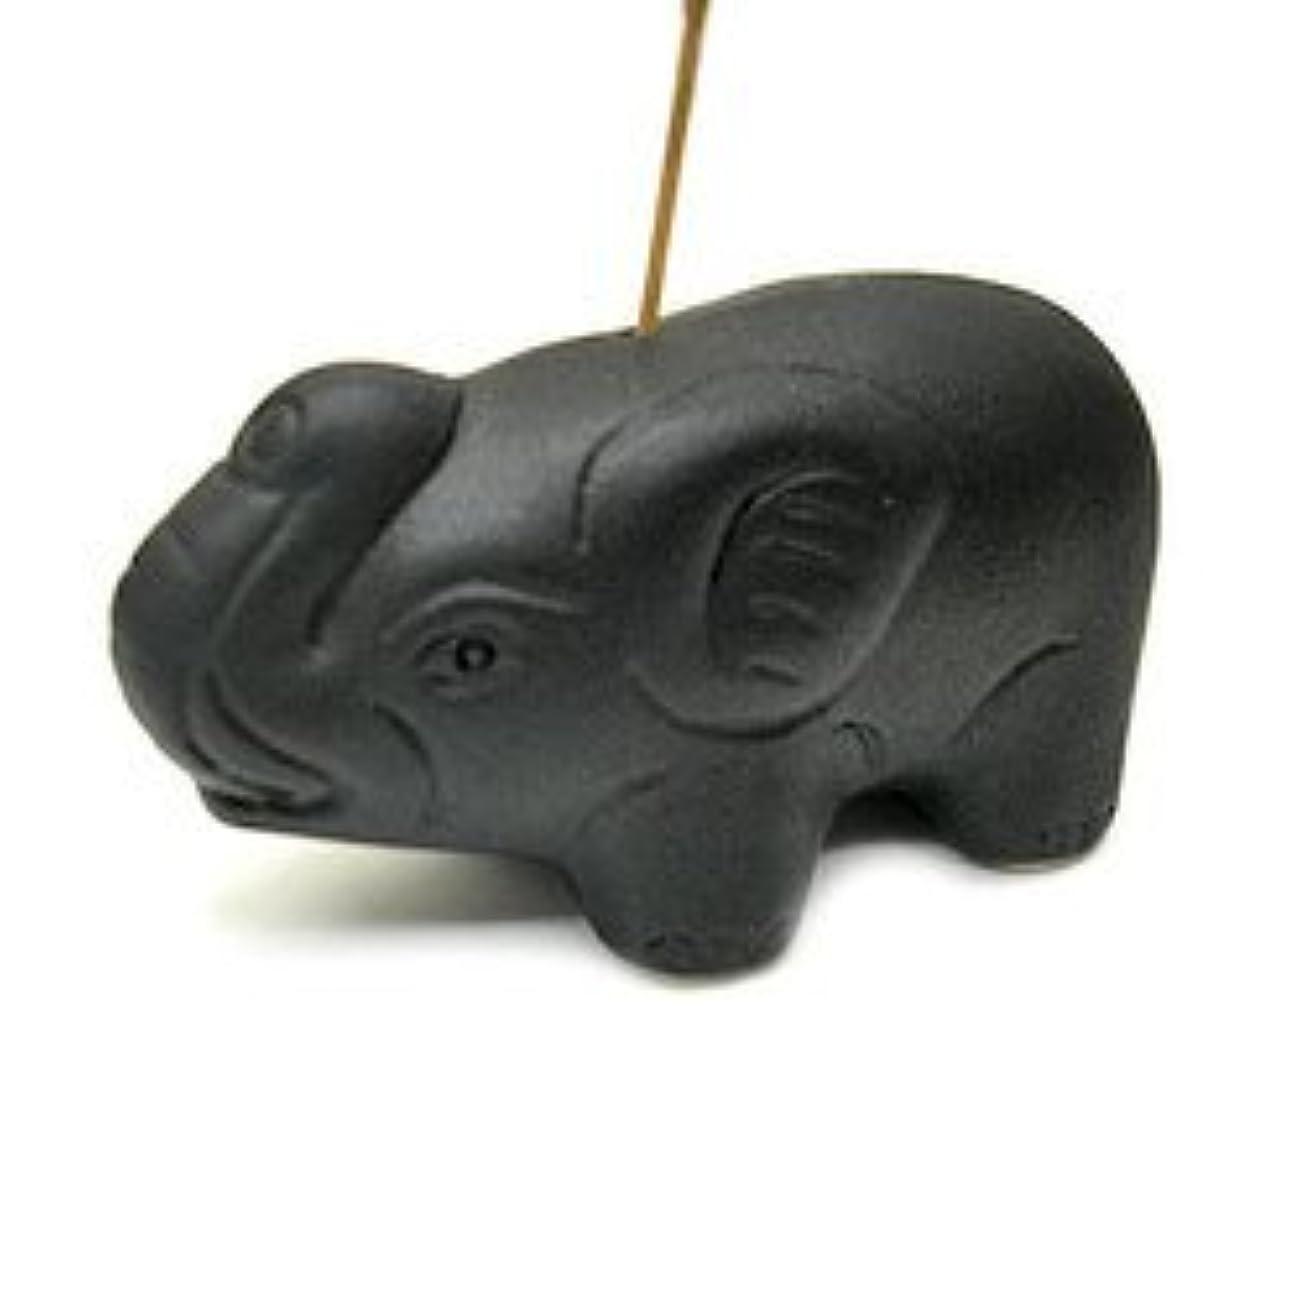 六急速なうれしい象さんのお香立て <黒> インセンスホルダー/スティックタイプ用お香立て?お香たて アジアン雑貨